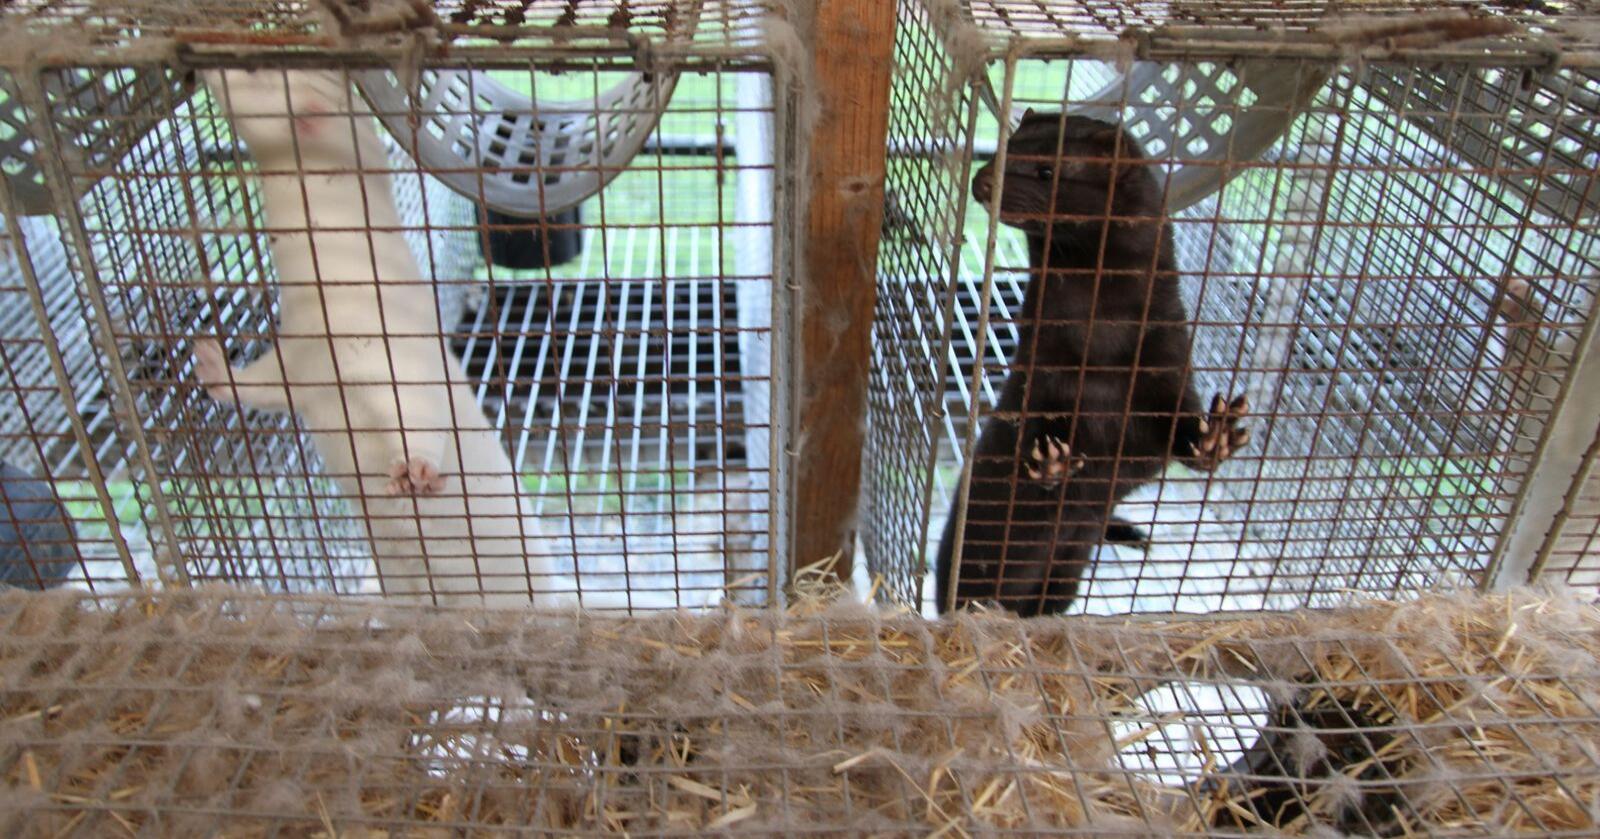 Mink er det første kjente dyret som har overført koronasmitte tilbake til mennesker. Minkene på bildet er ikke smittet. (Illustrasjonsfoto: Øystein Heggdal)